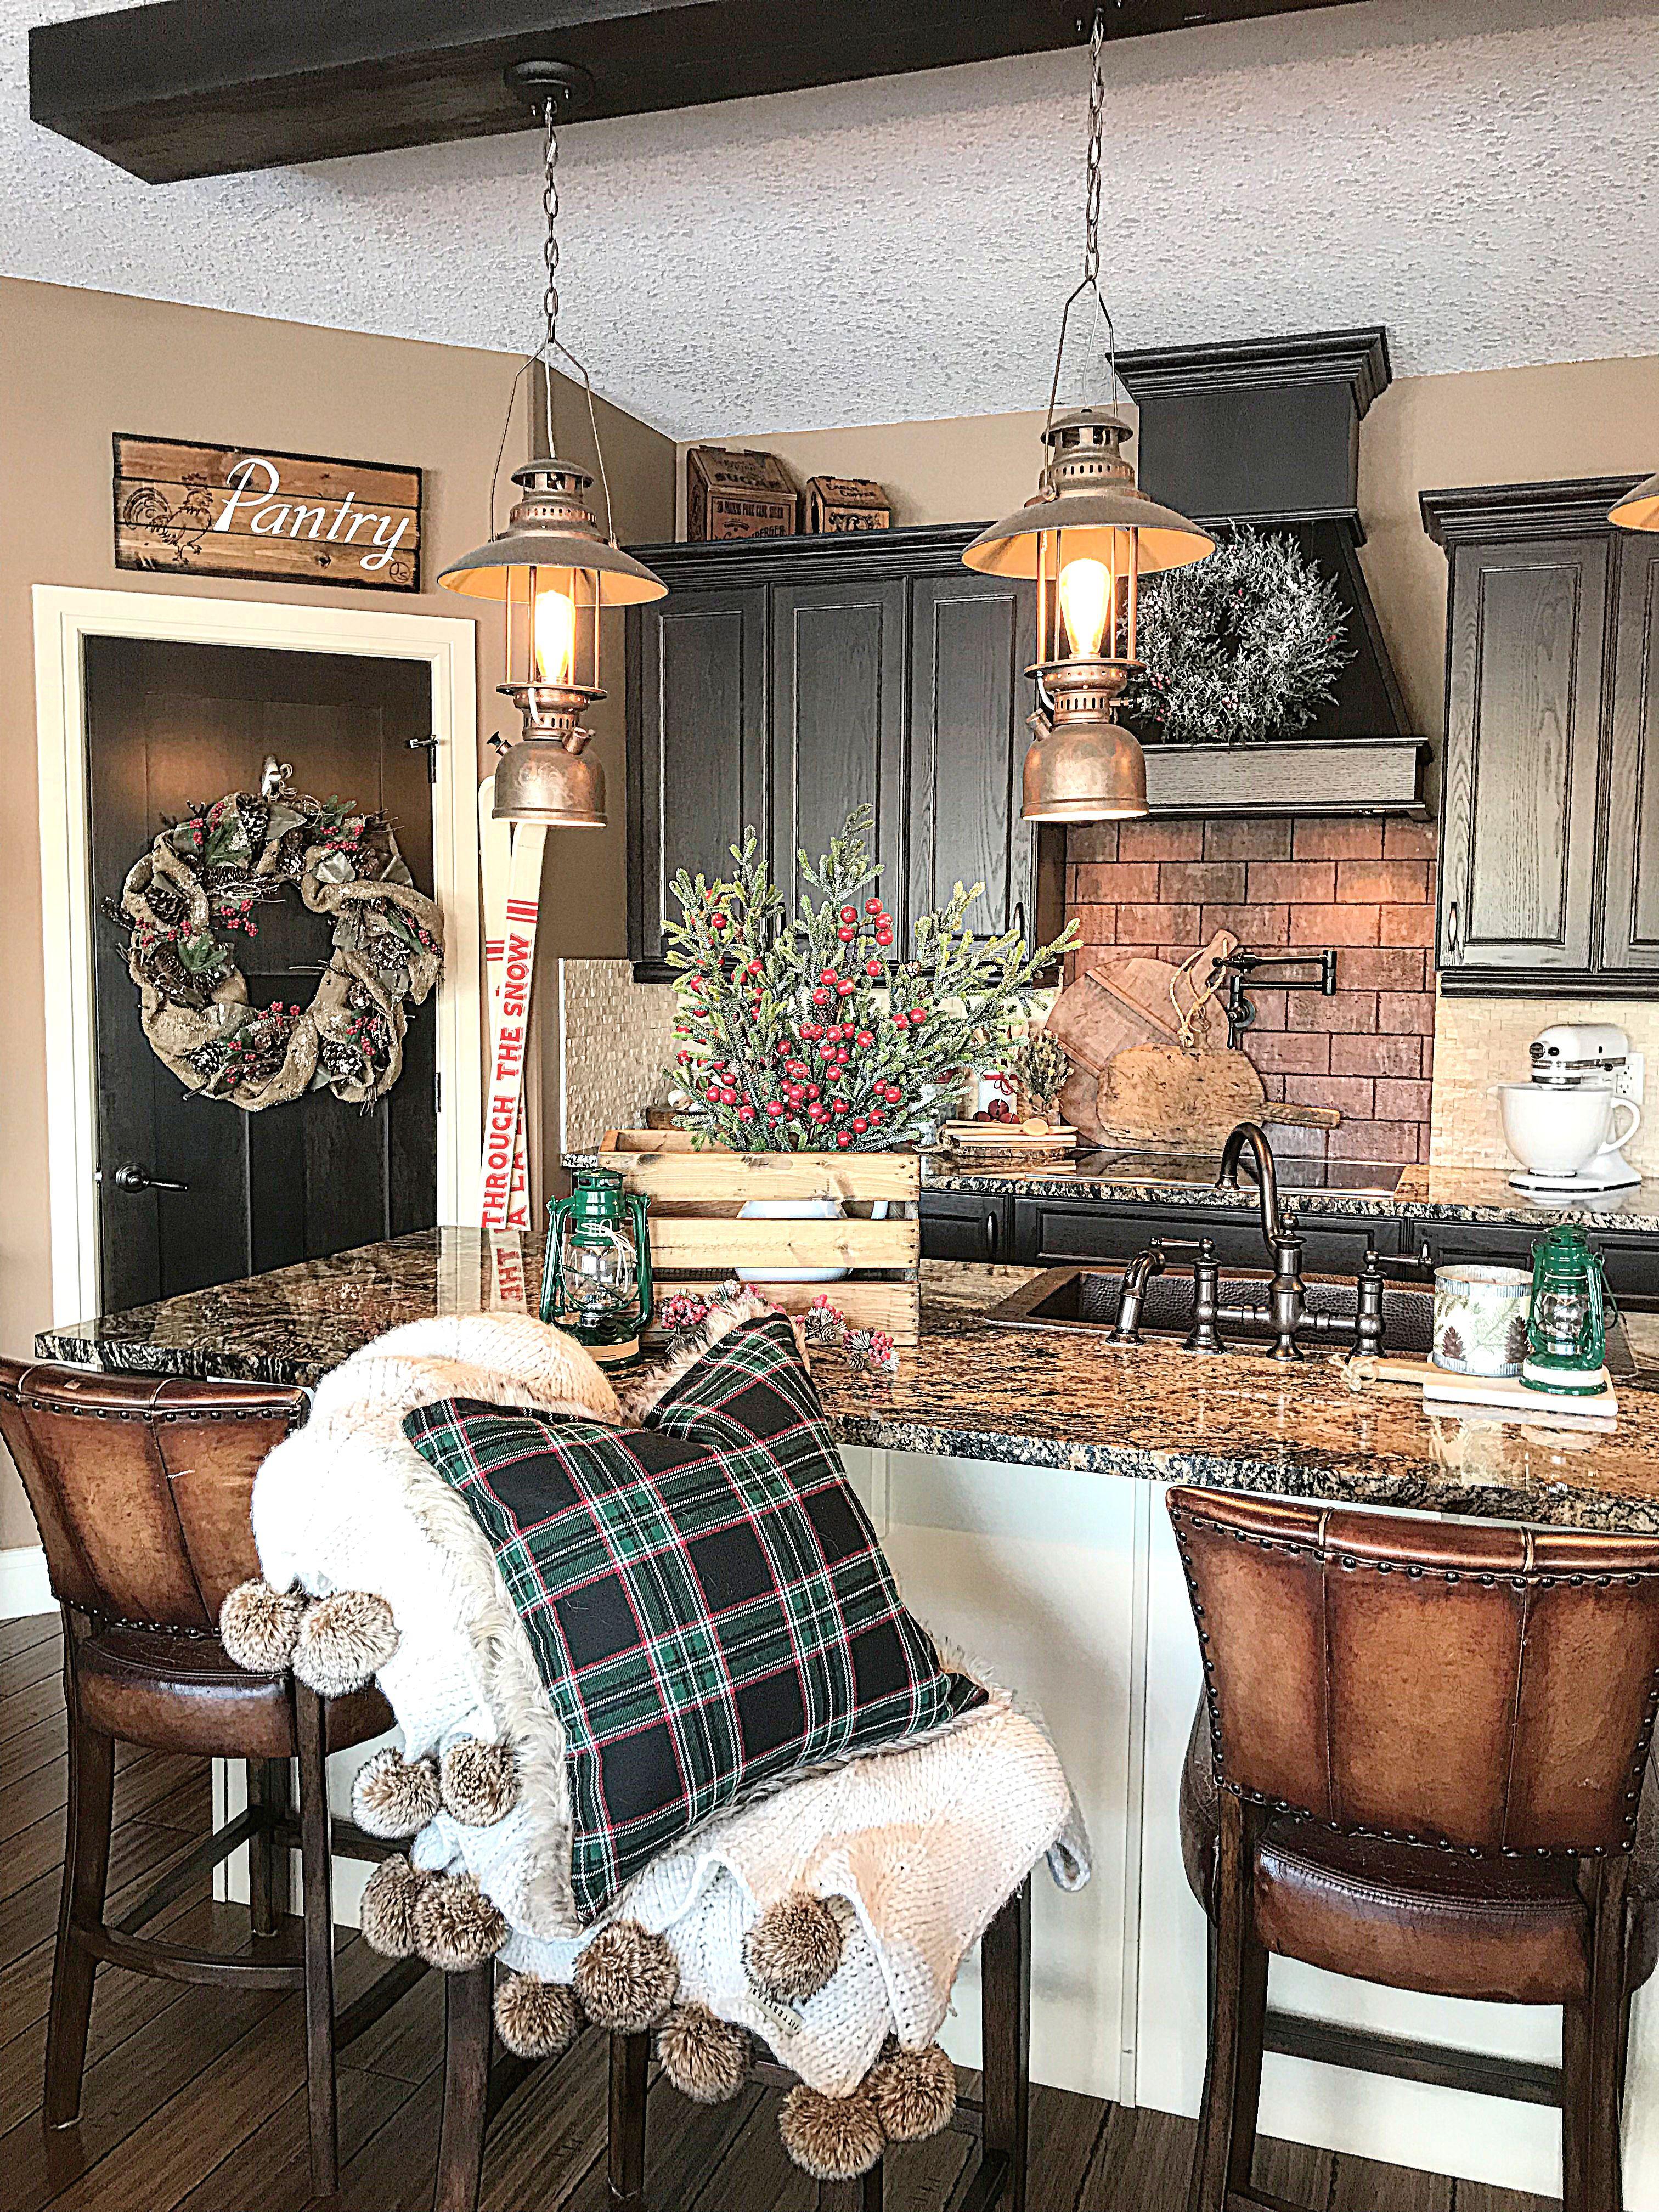 kitchendesign kitchencabinets farmhouse farmhousestyle farmhousedecor rustichomedecor on farmhouse kitchen xmas id=81462